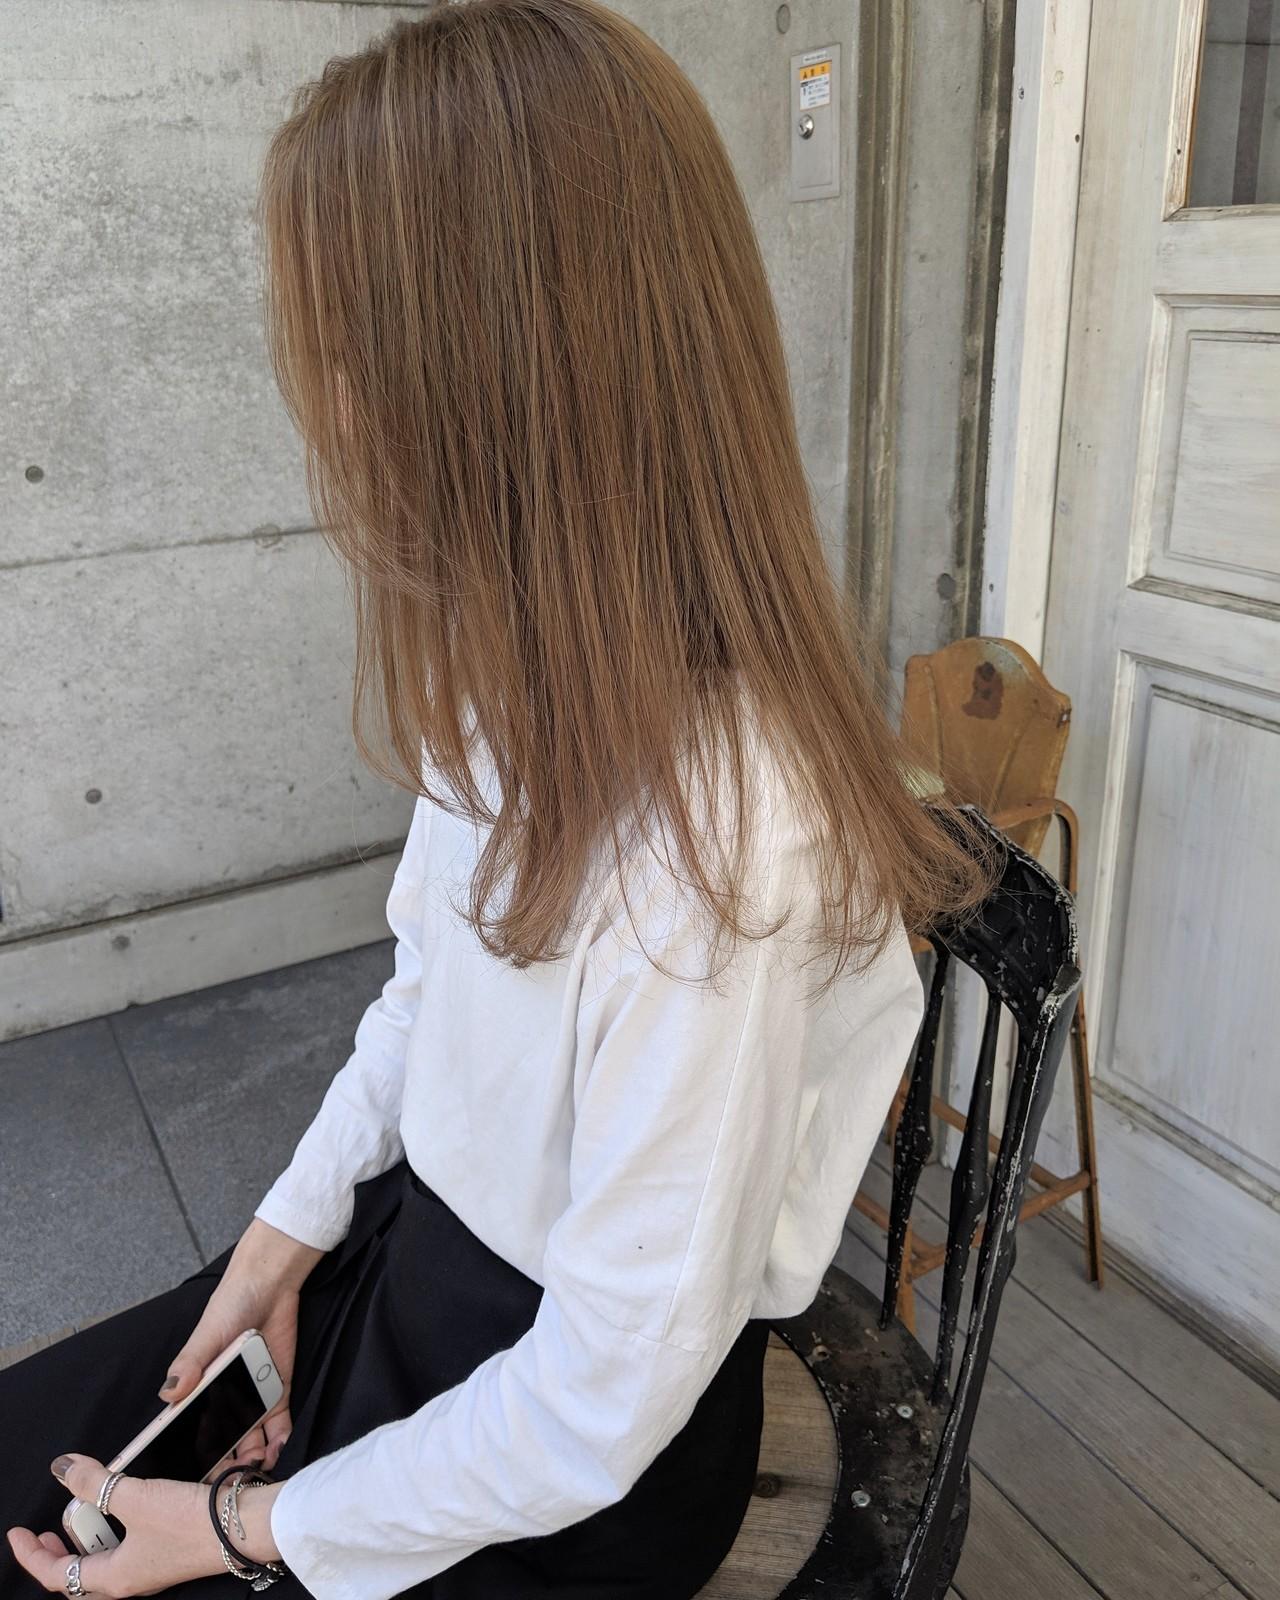 ハイライト オリーブベージュ ナチュラル ミルクティーベージュ ヘアスタイルや髪型の写真・画像 | HIFUMI / möwen